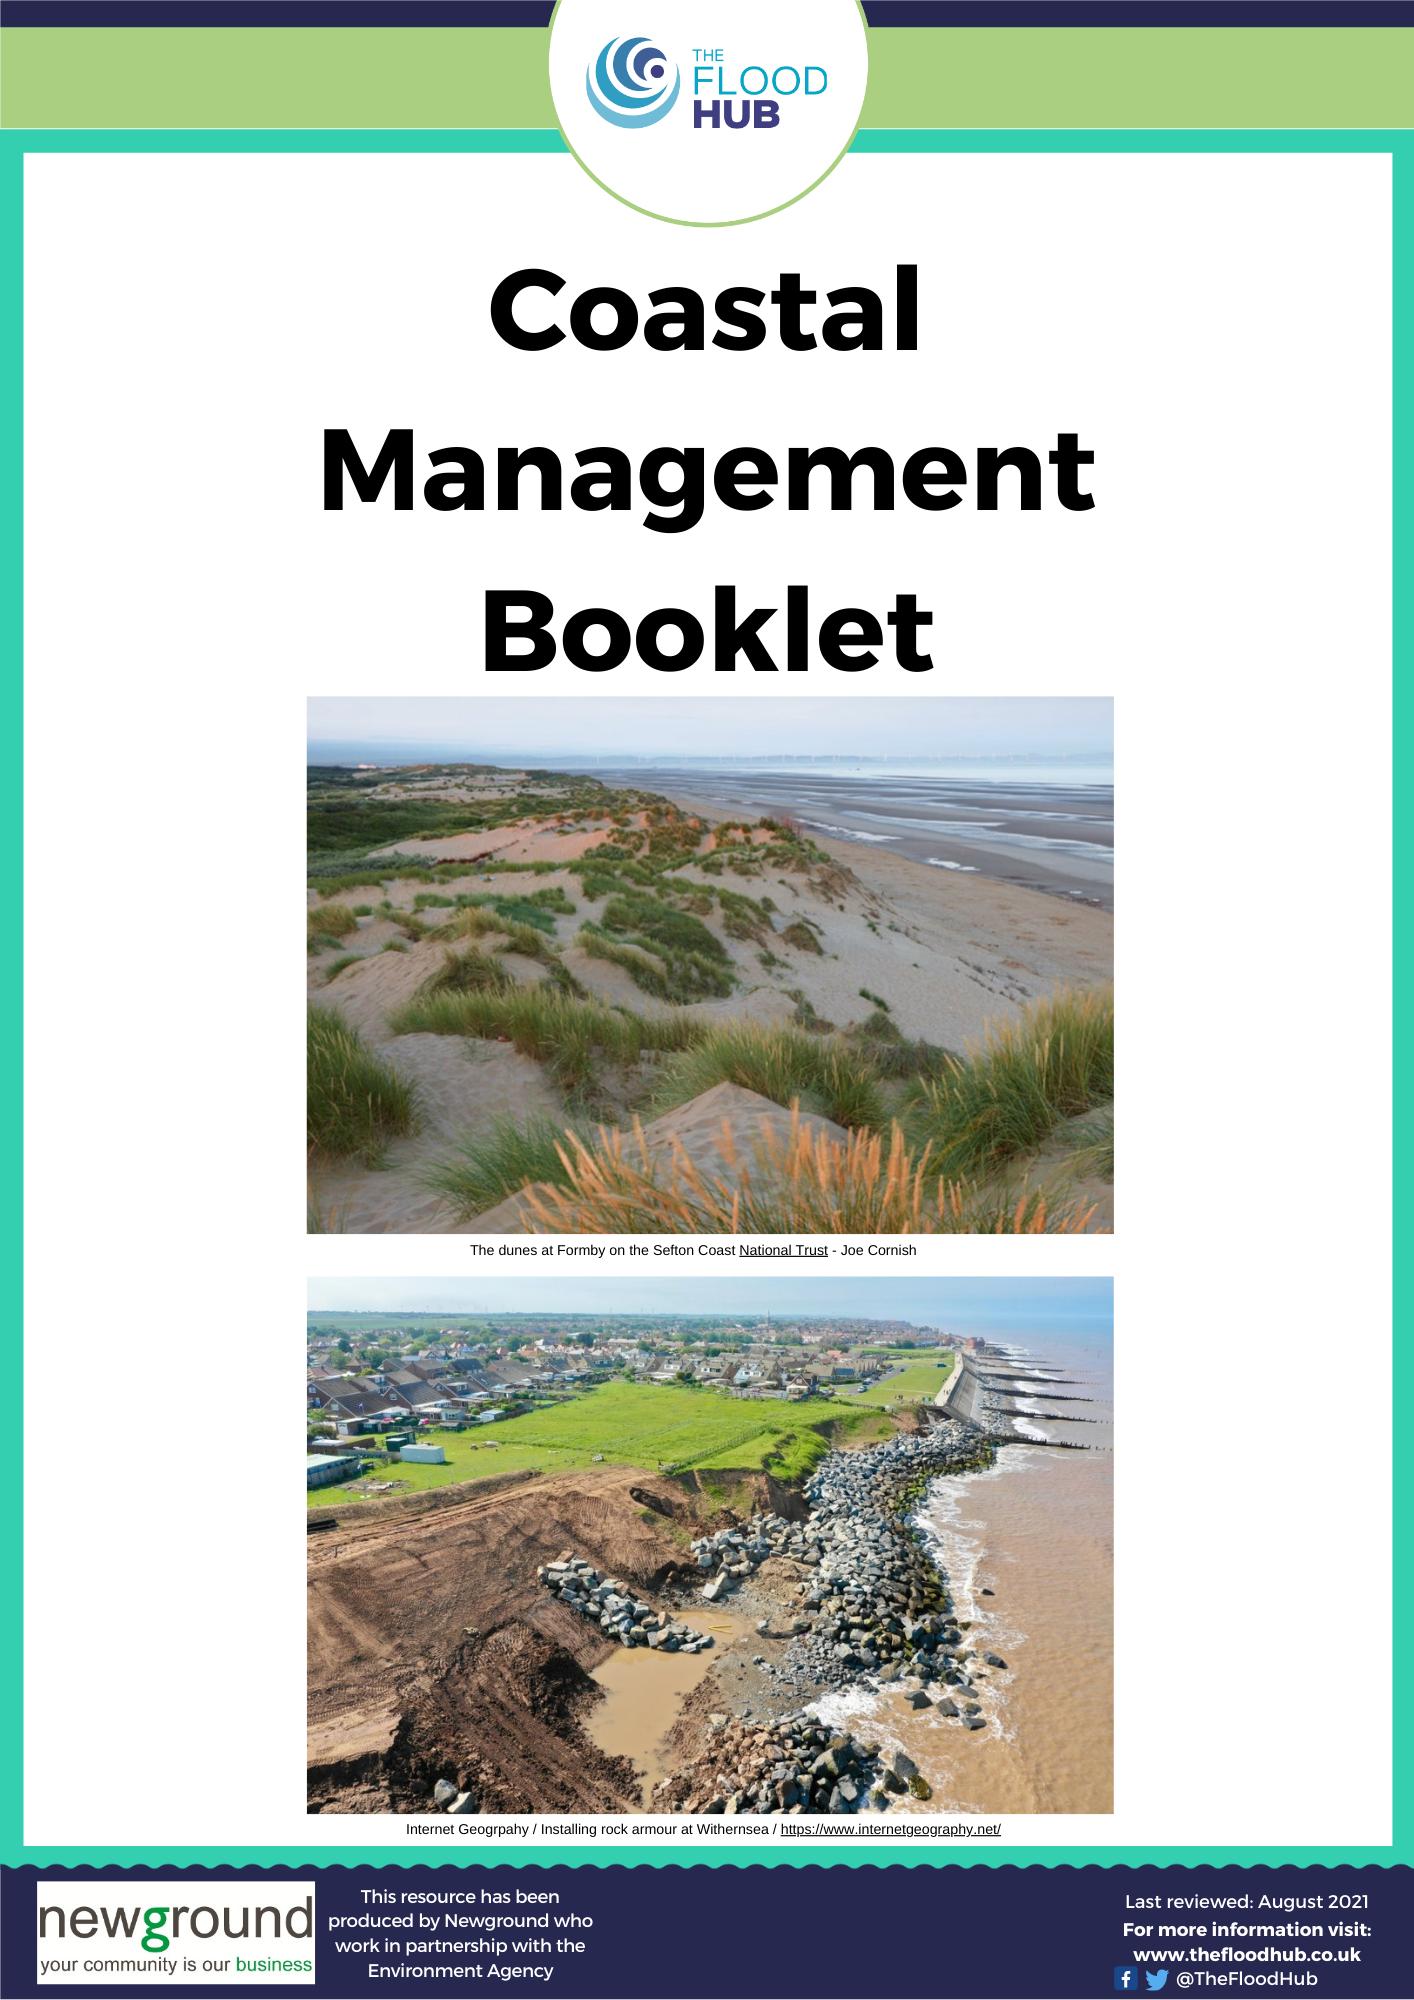 Coastal Management Booklet